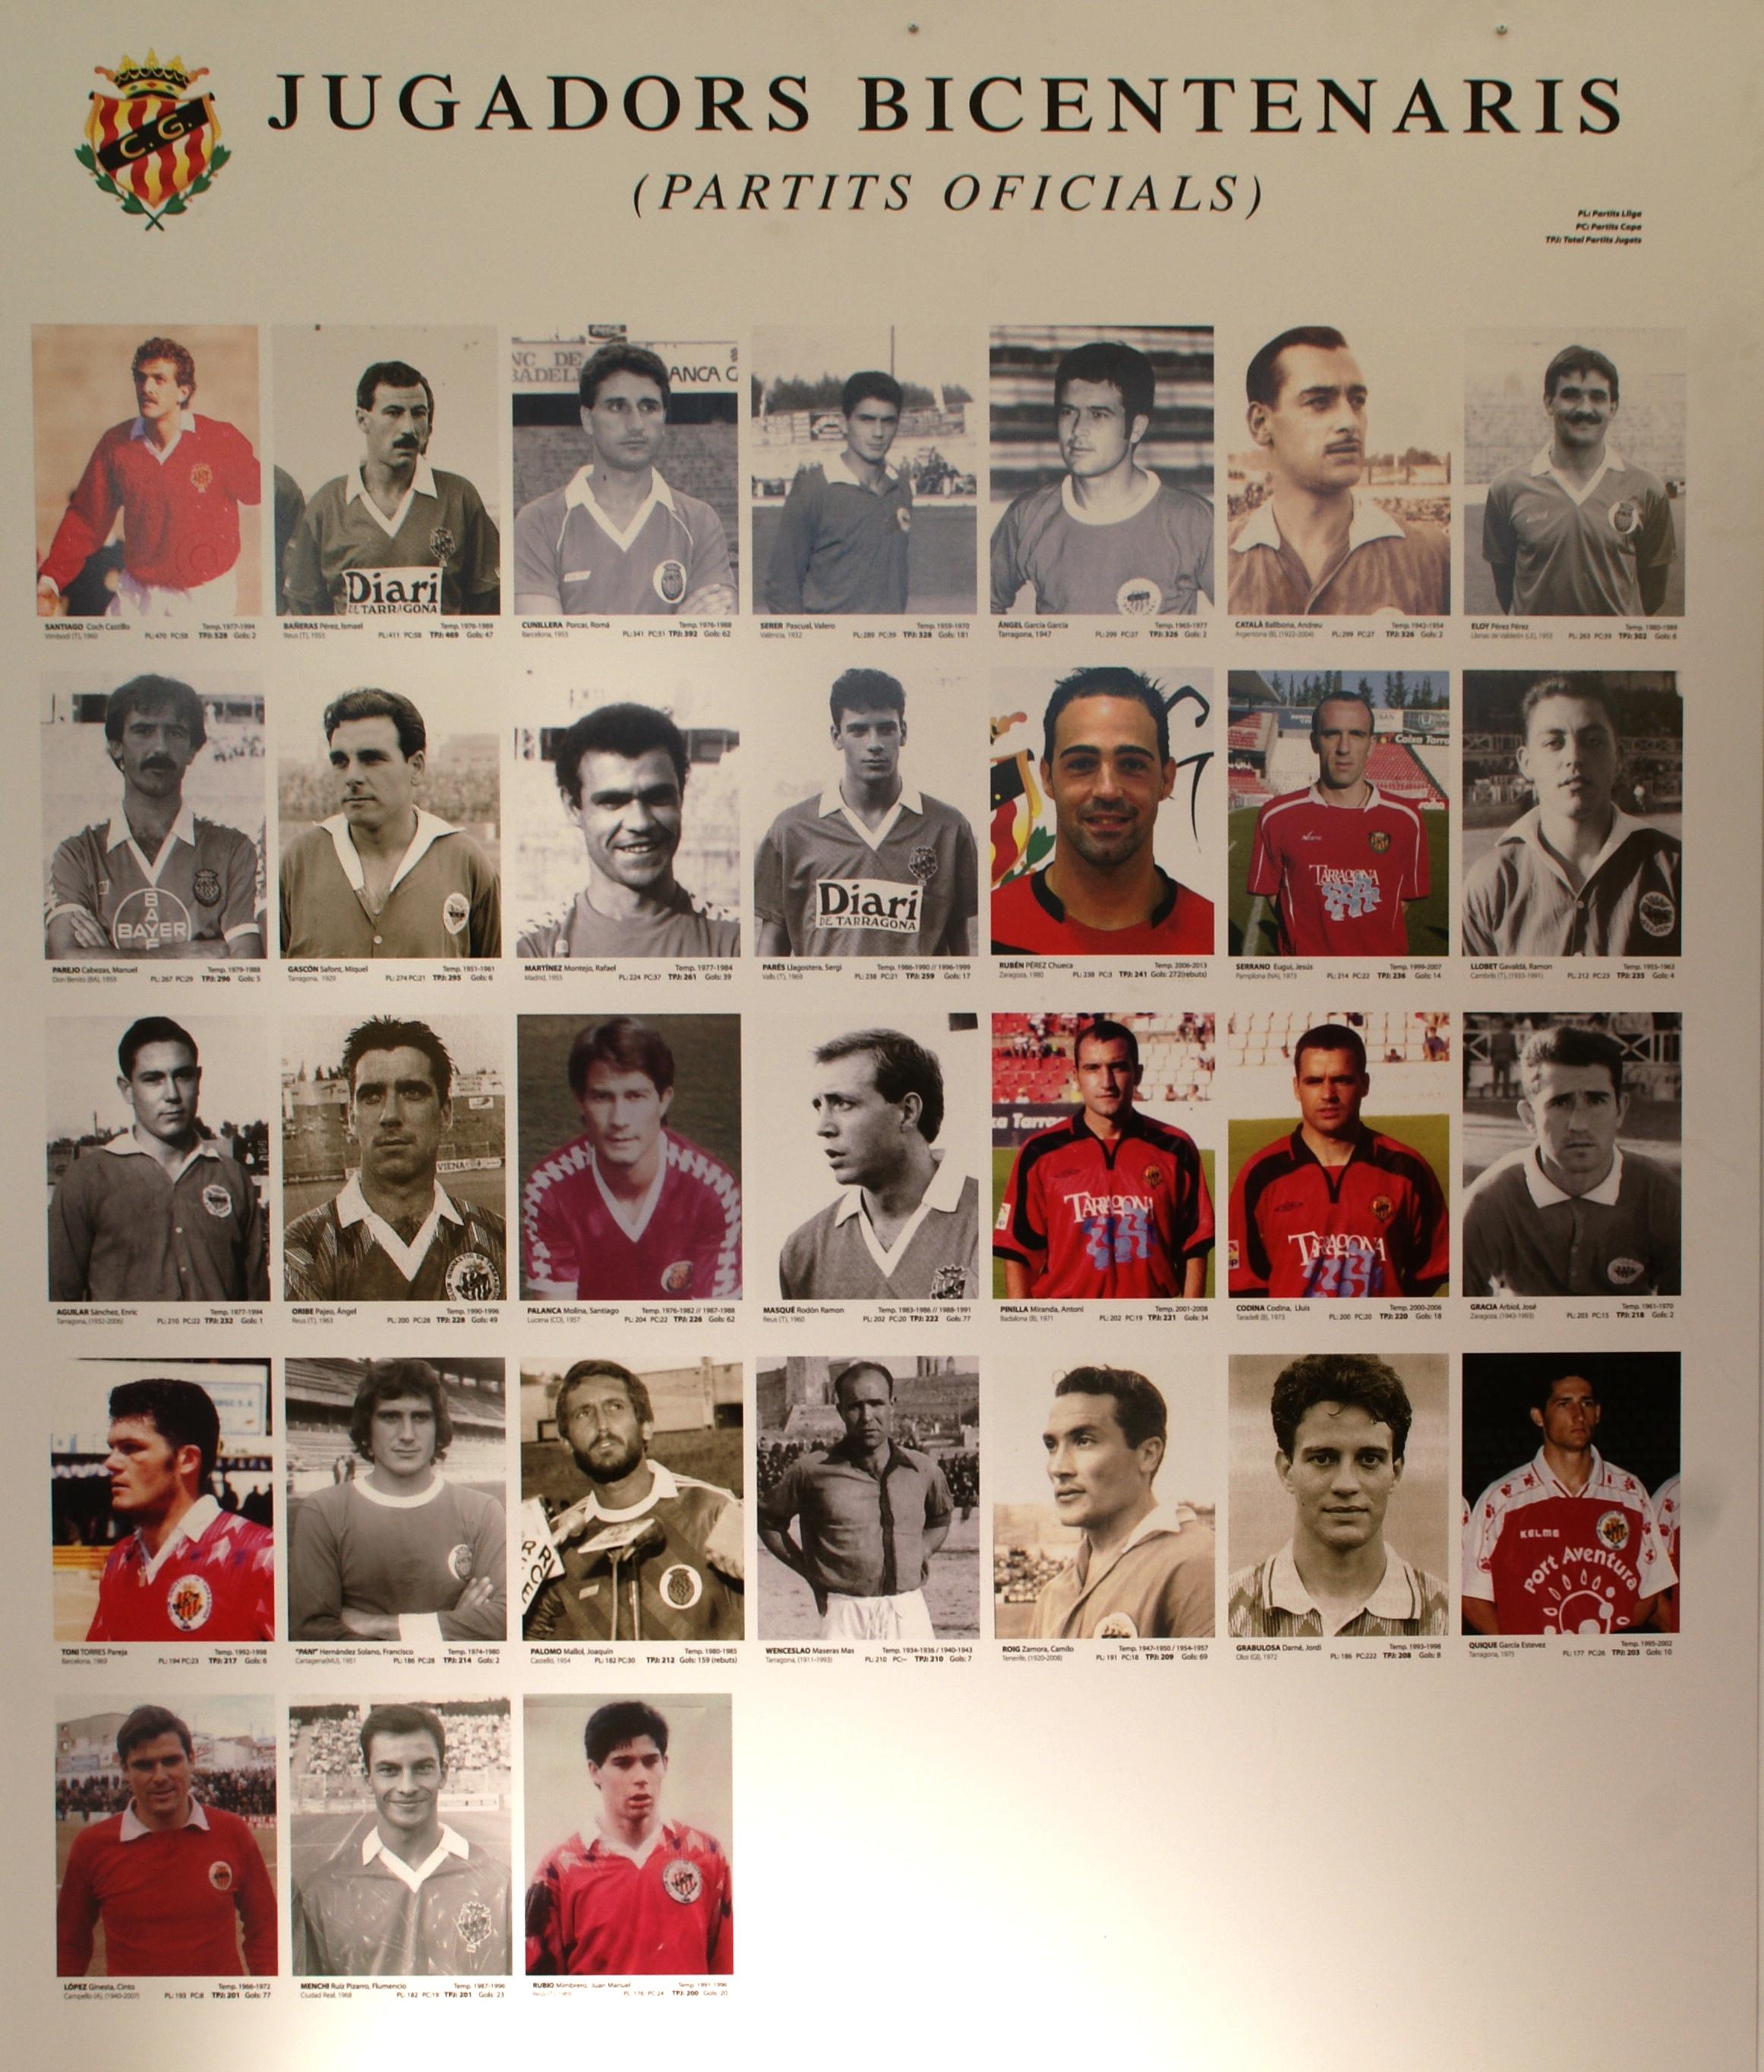 Homenaje a los jugadores bicentenarios de la historia grana – Nastic